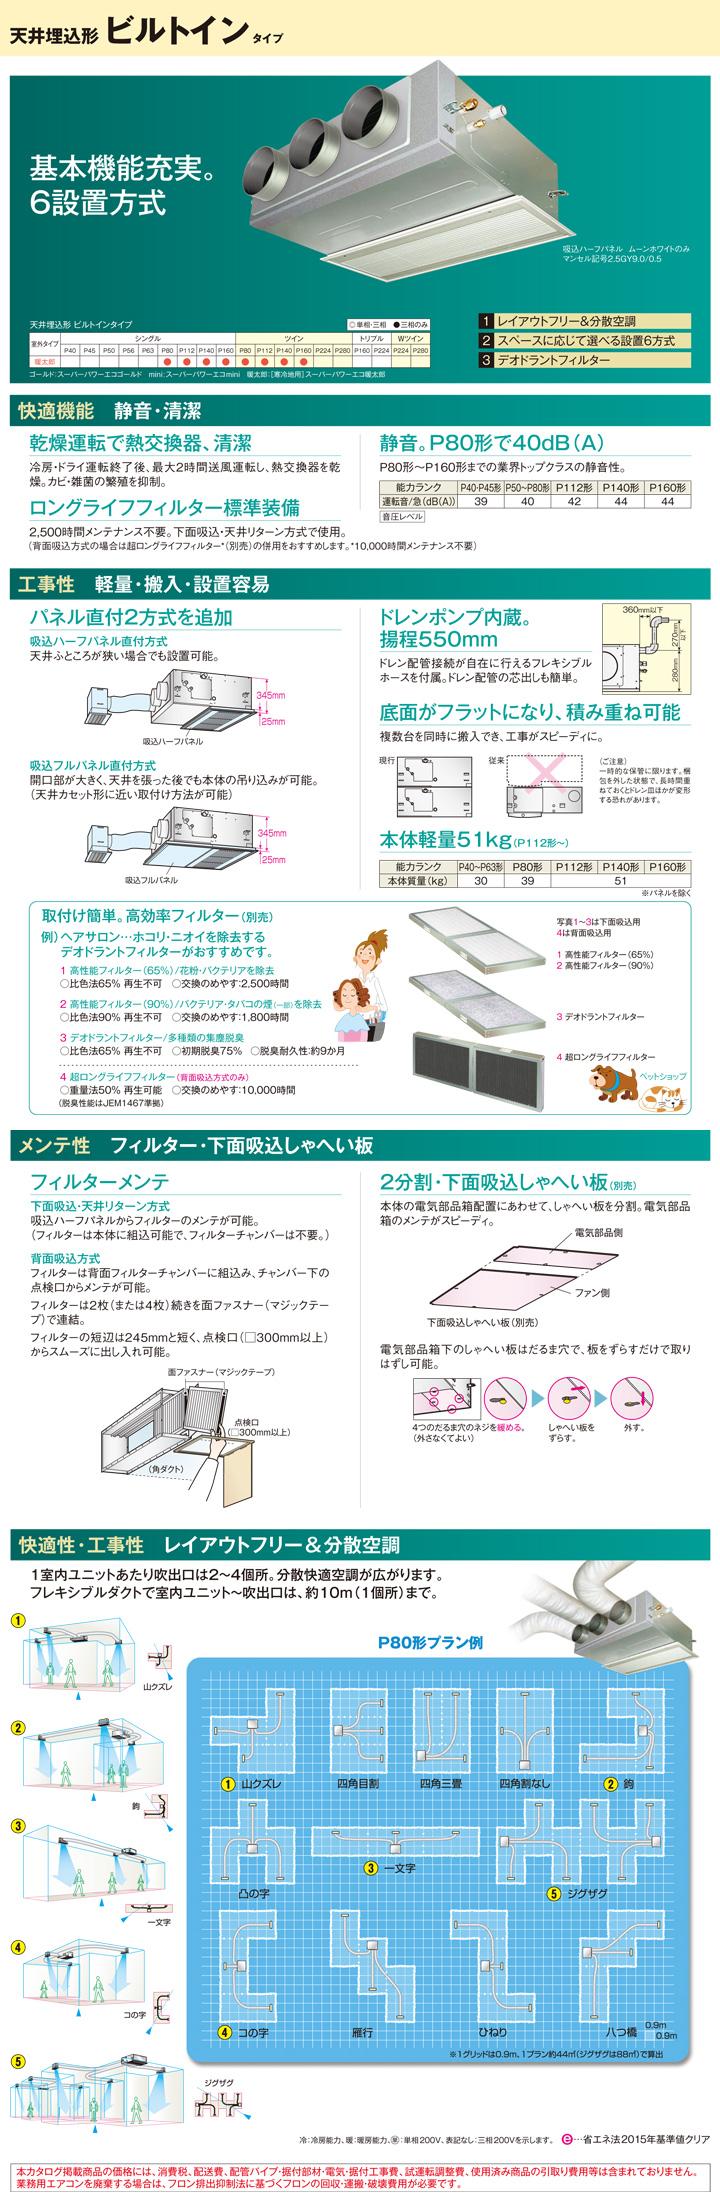 東芝 RBHA16031M 業務用エアコン